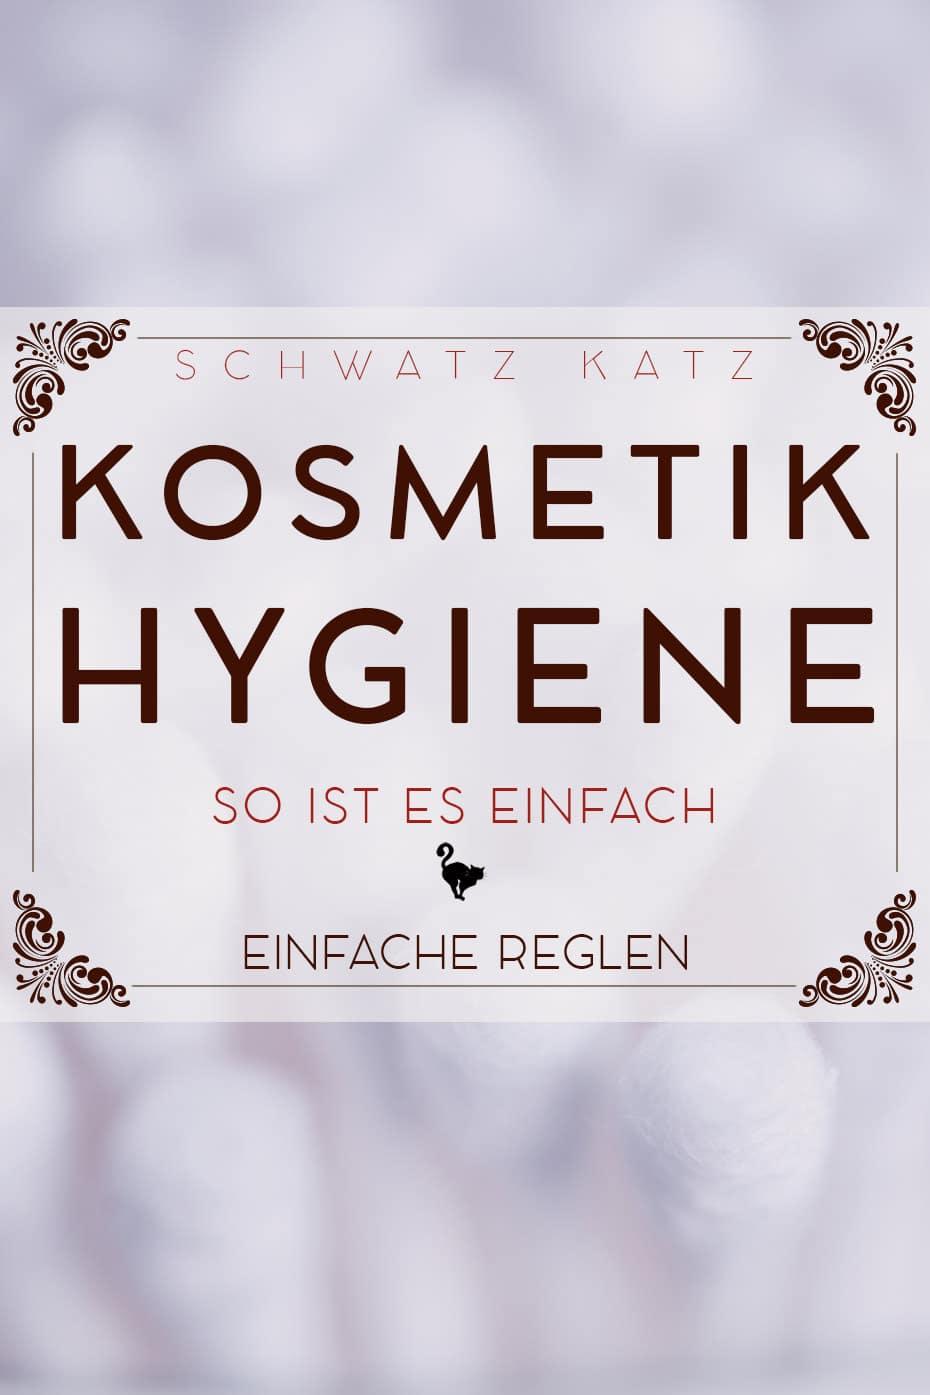 Hygiene bei der Kosmetikherstellung | Schwatz Katz